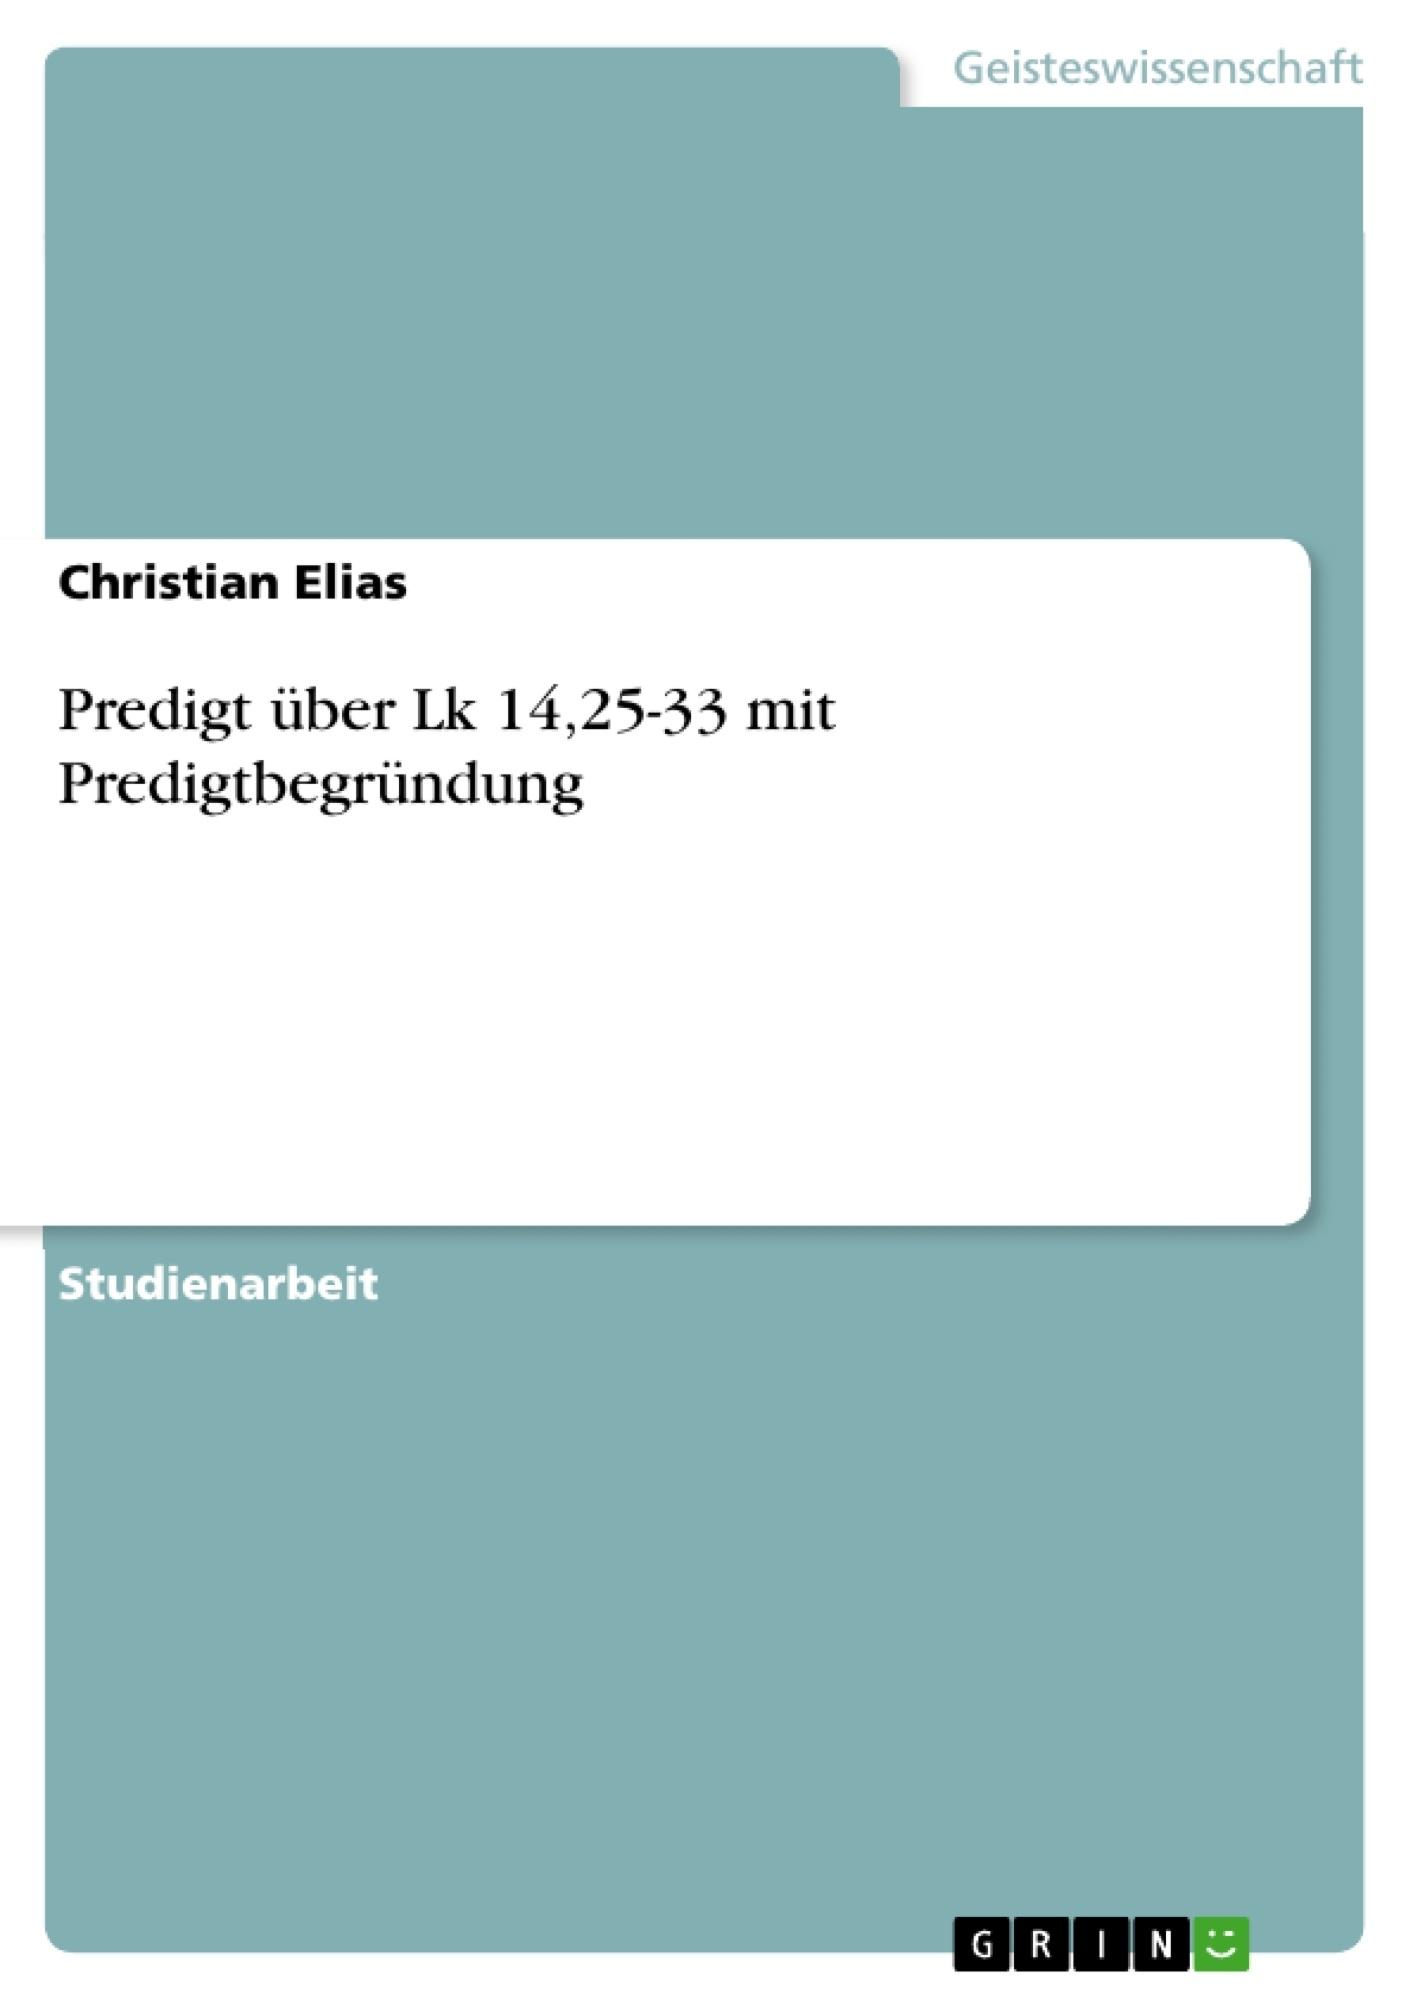 Titel: Predigt über Lk 14,25-33 mit Predigtbegründung